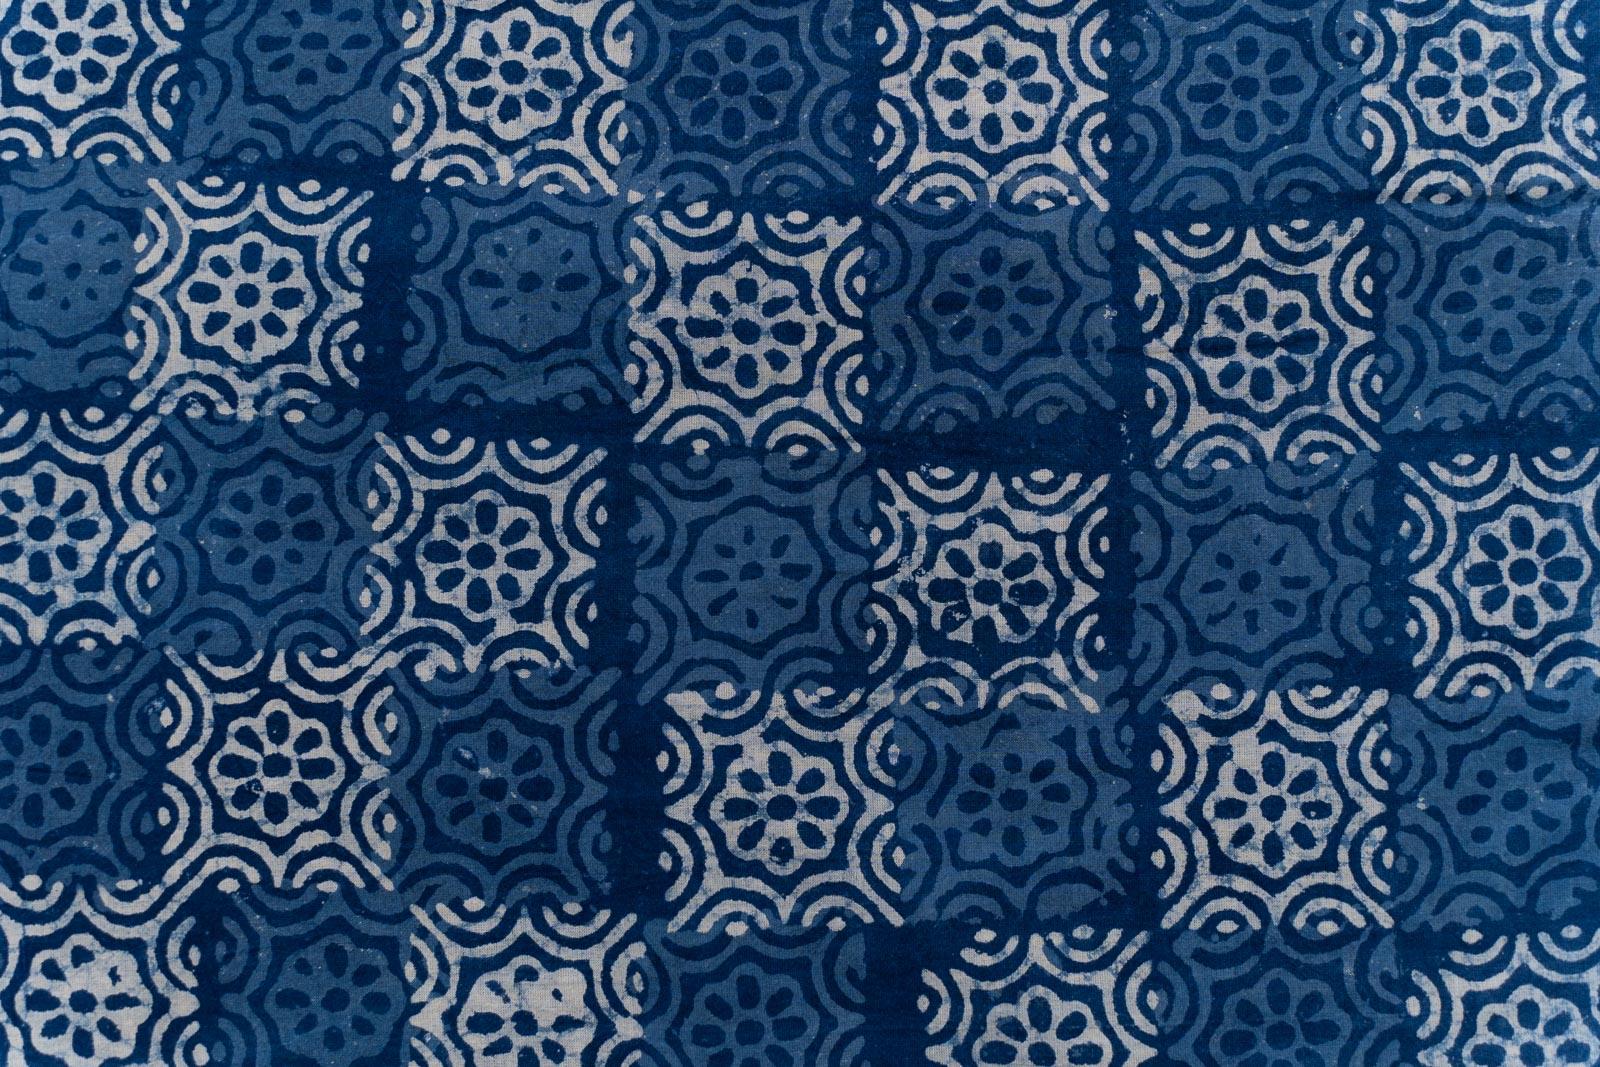 Indigo Square Hand Block Printed Fabric